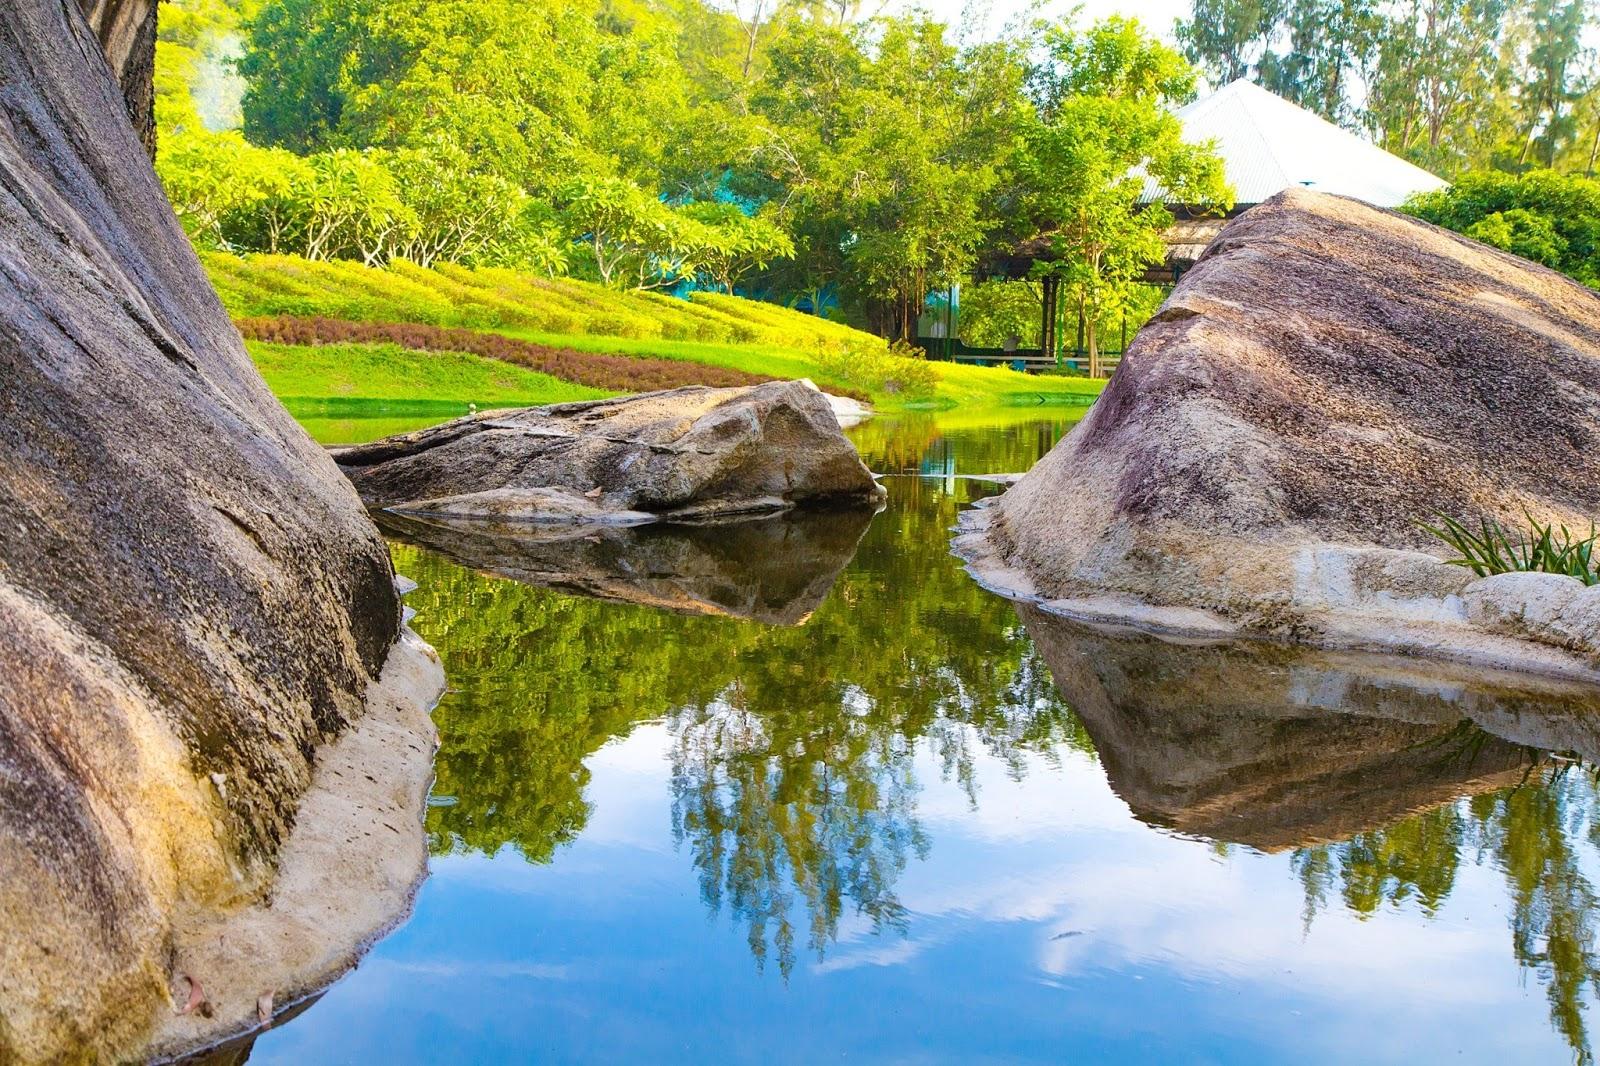 8 Gambar Gambar Pemandangan Alam Asli Indah Sekali